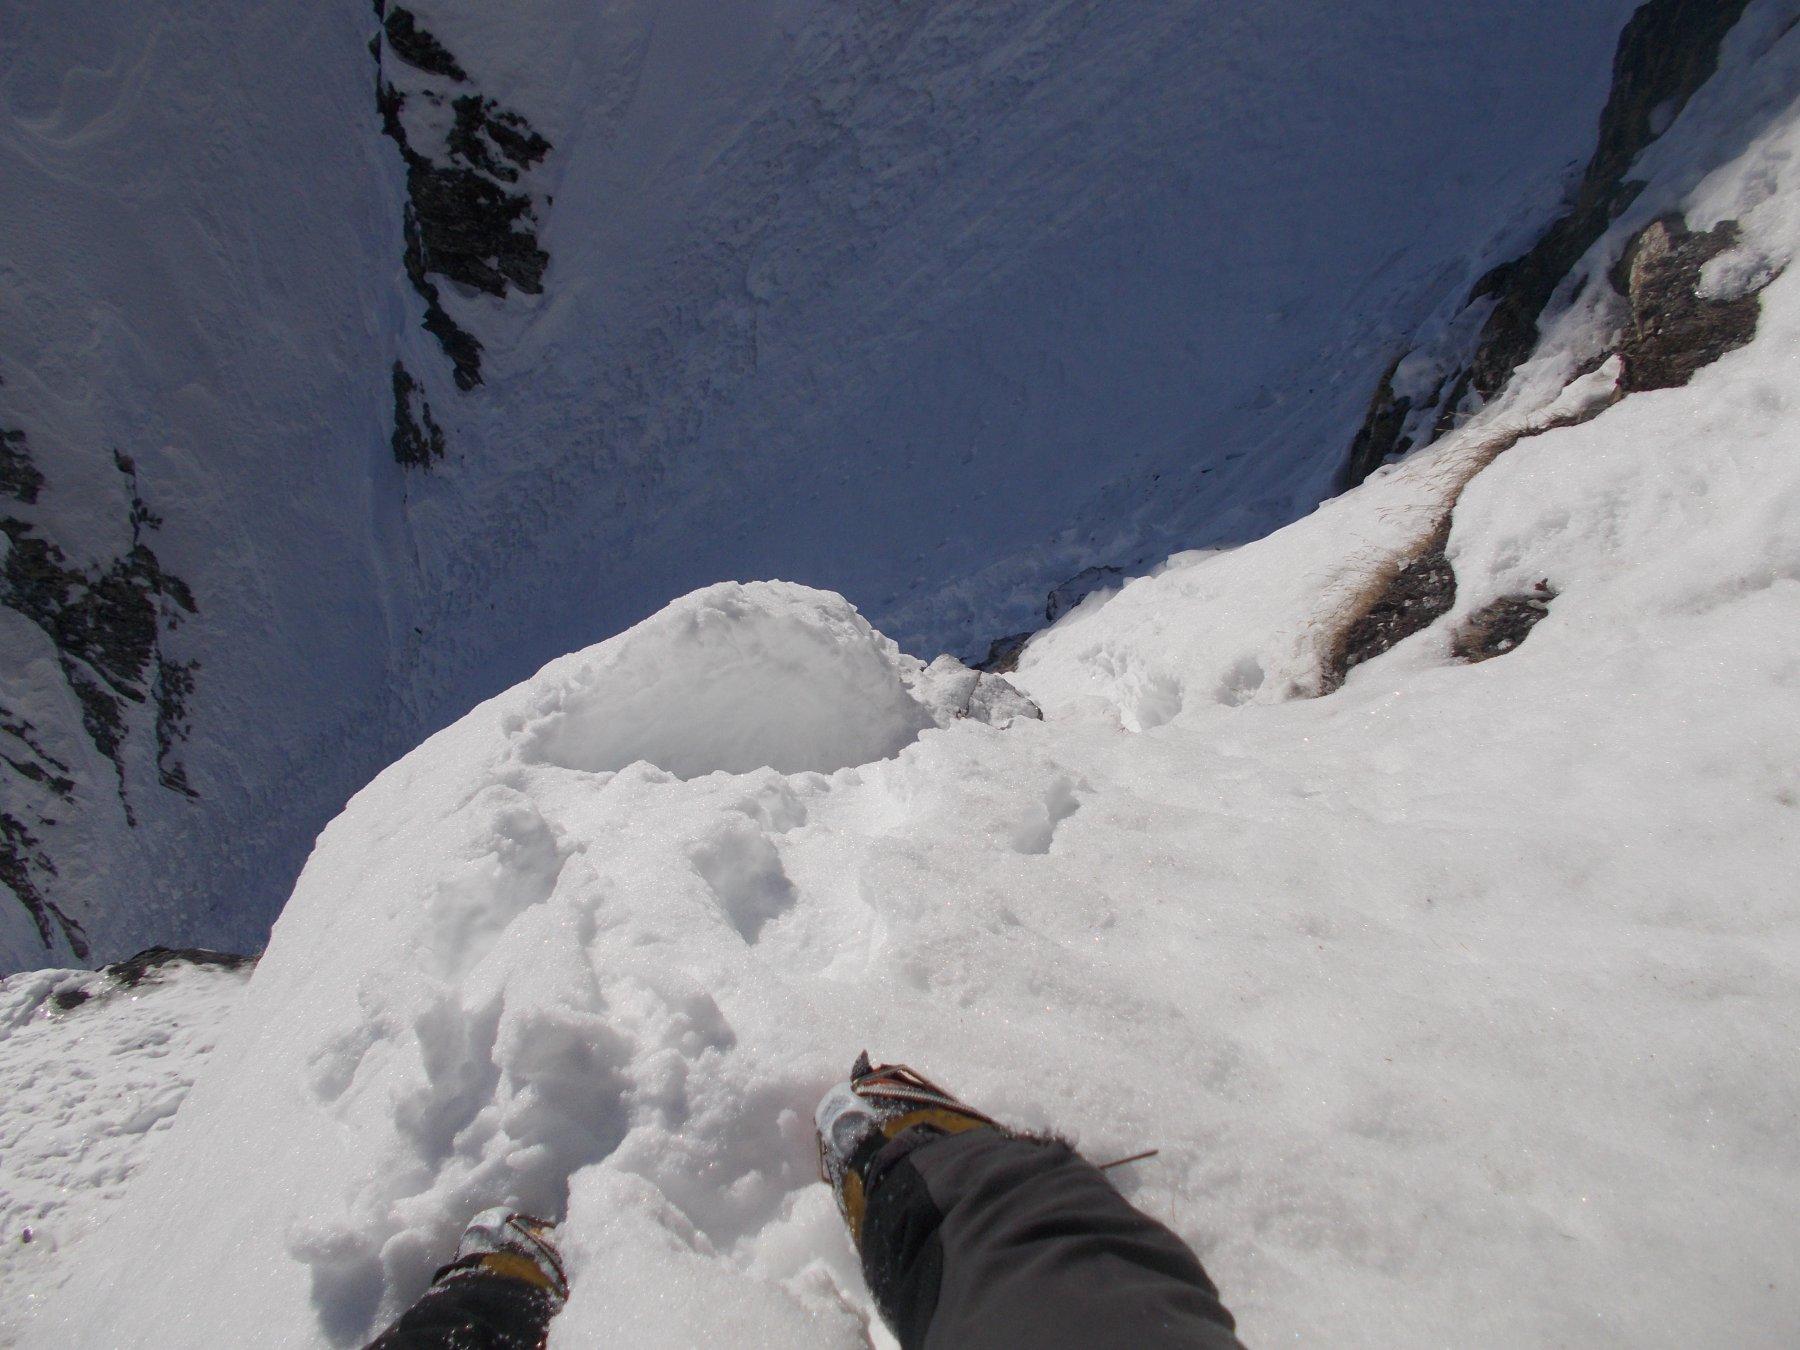 neve inconsistente sulla rampa d'accesso al budello superiore..